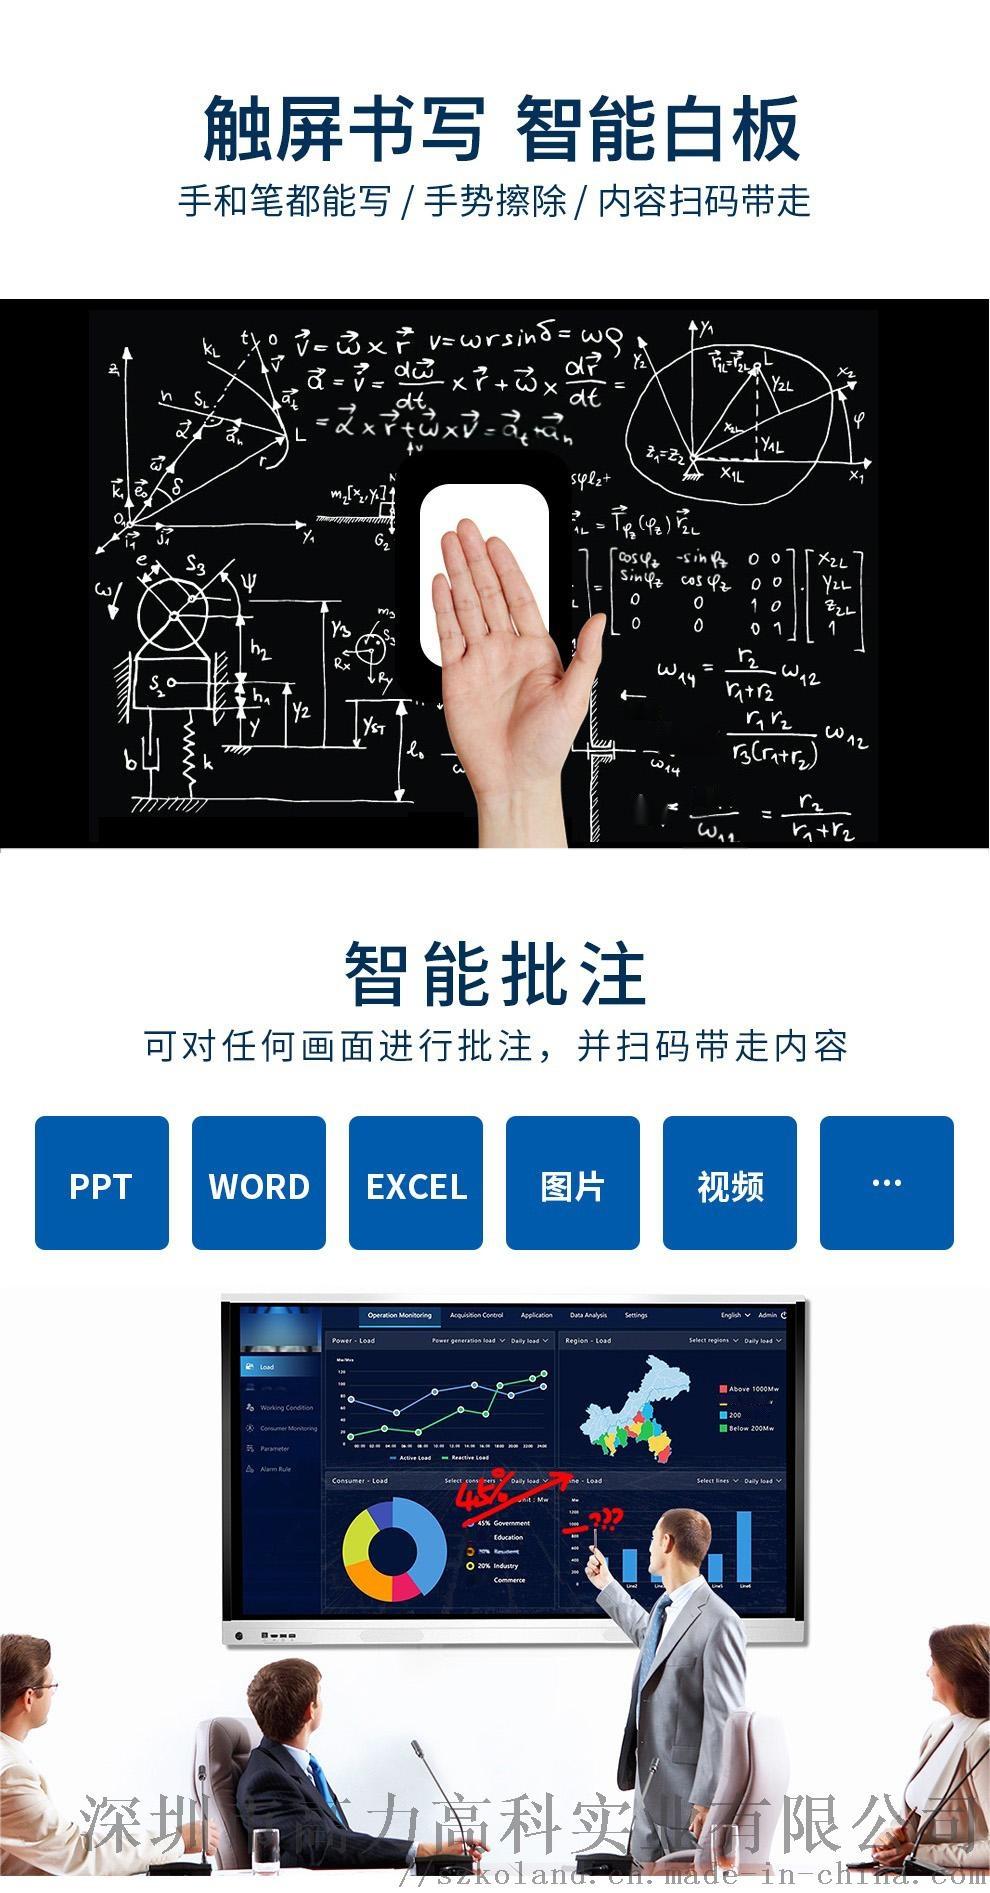 98寸智能会议平板一体机教育一体机商务会议交互平板64093832